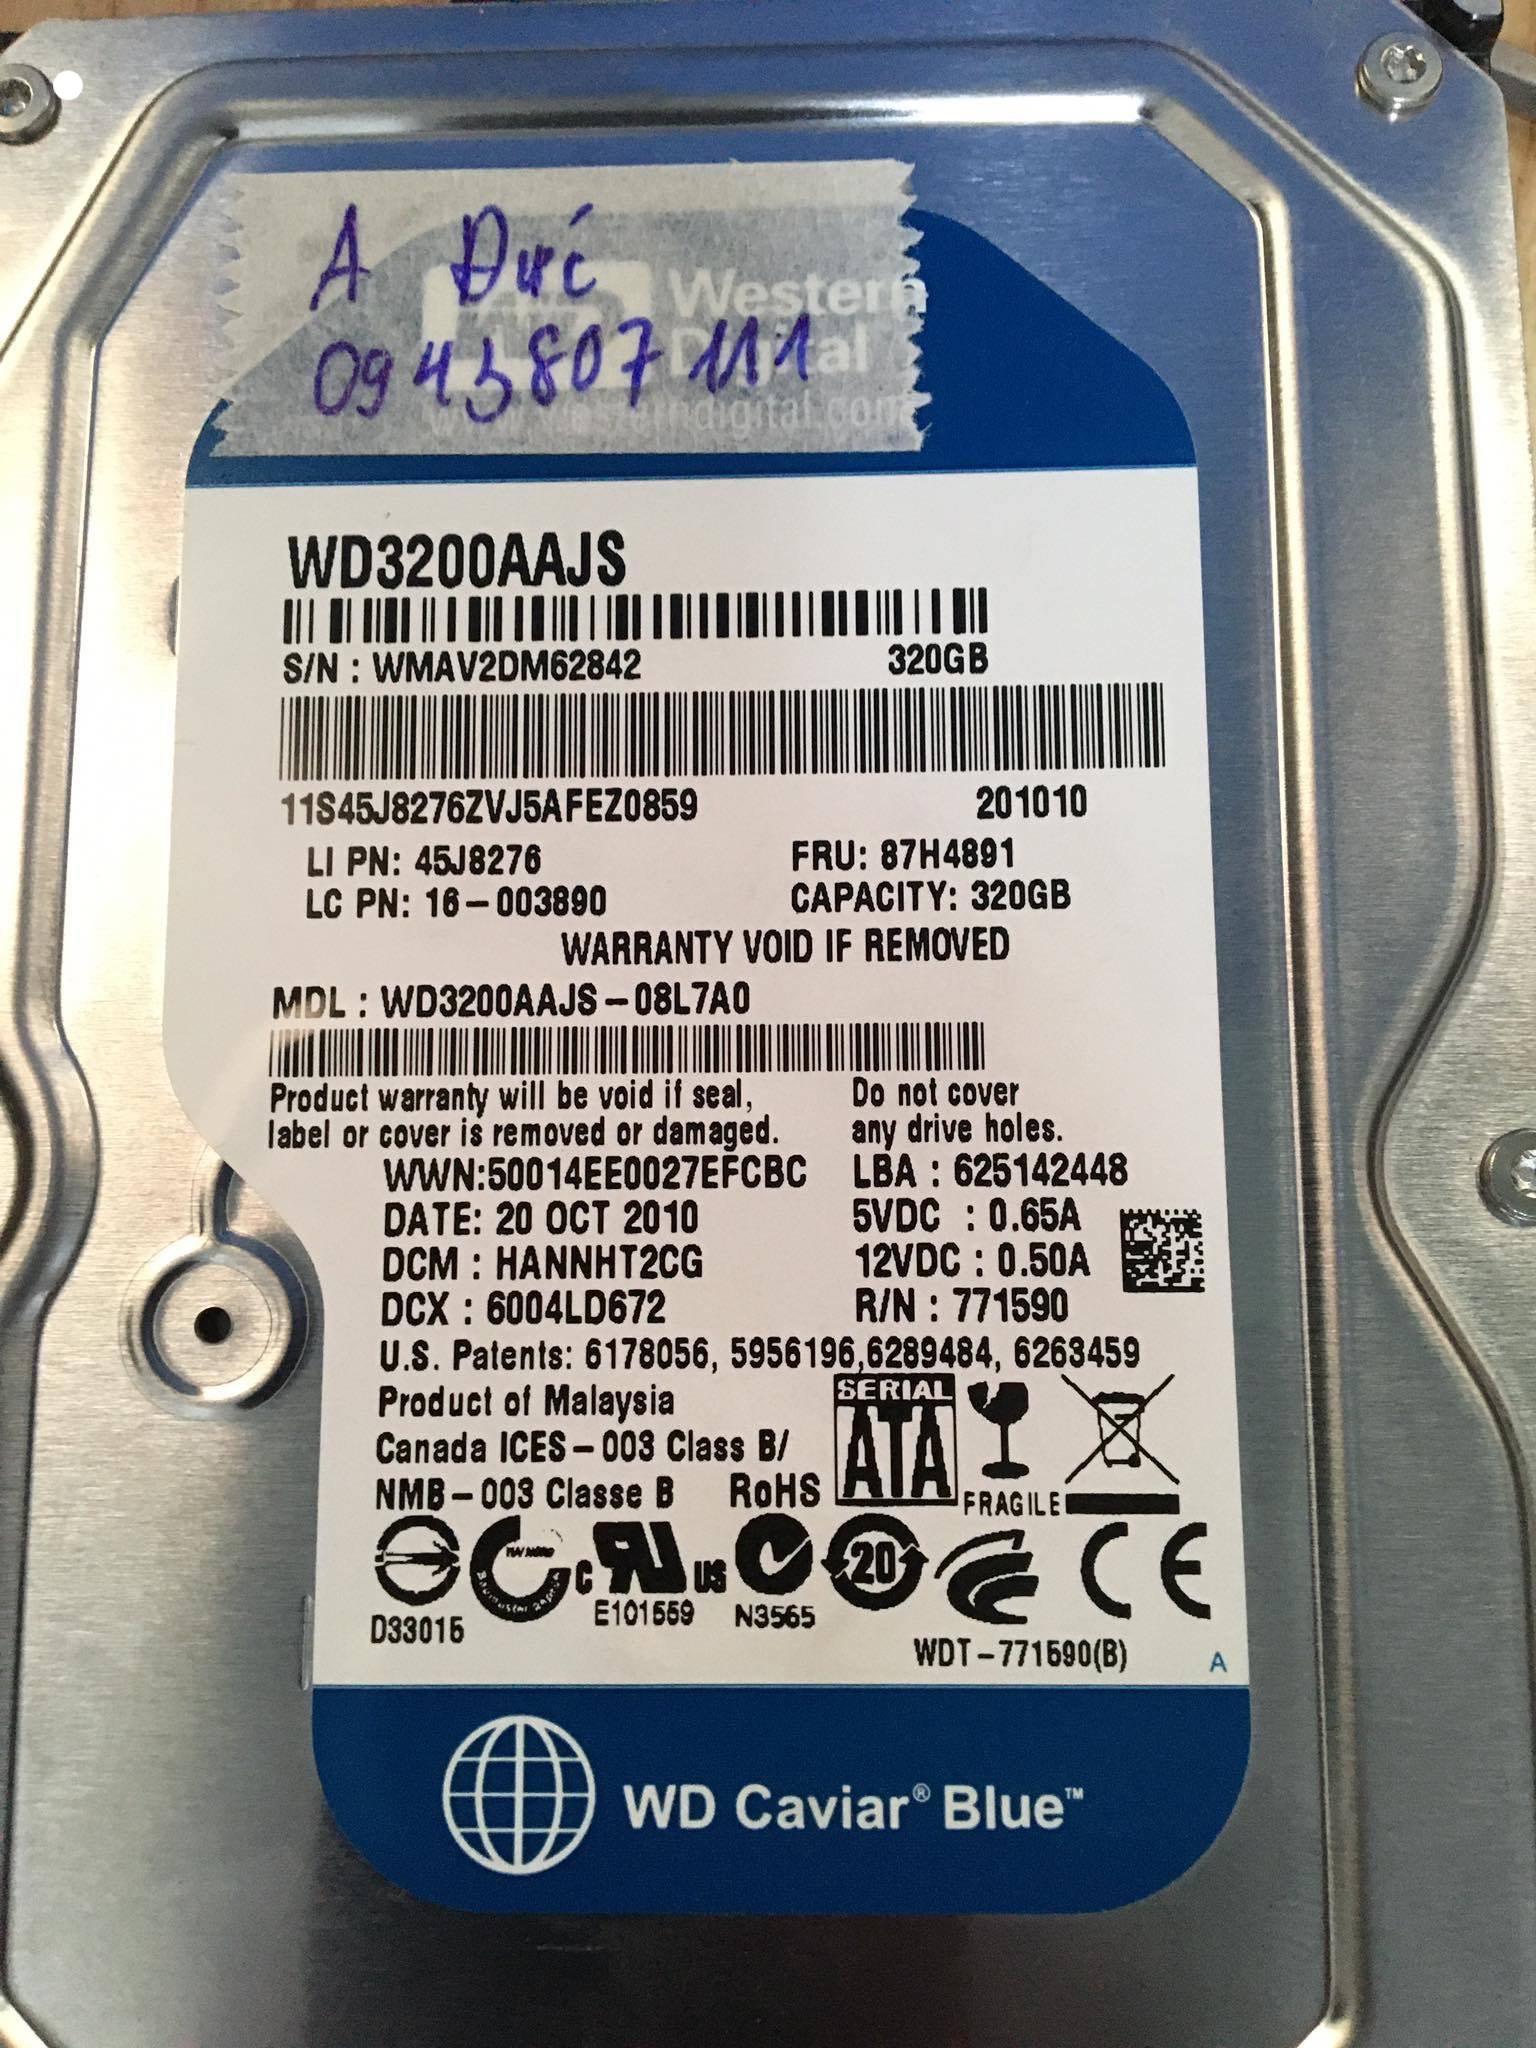 Cứu dữ liệu ổ cứng Western 320GB bó cơ 25/05/2020 - cuumaytinh